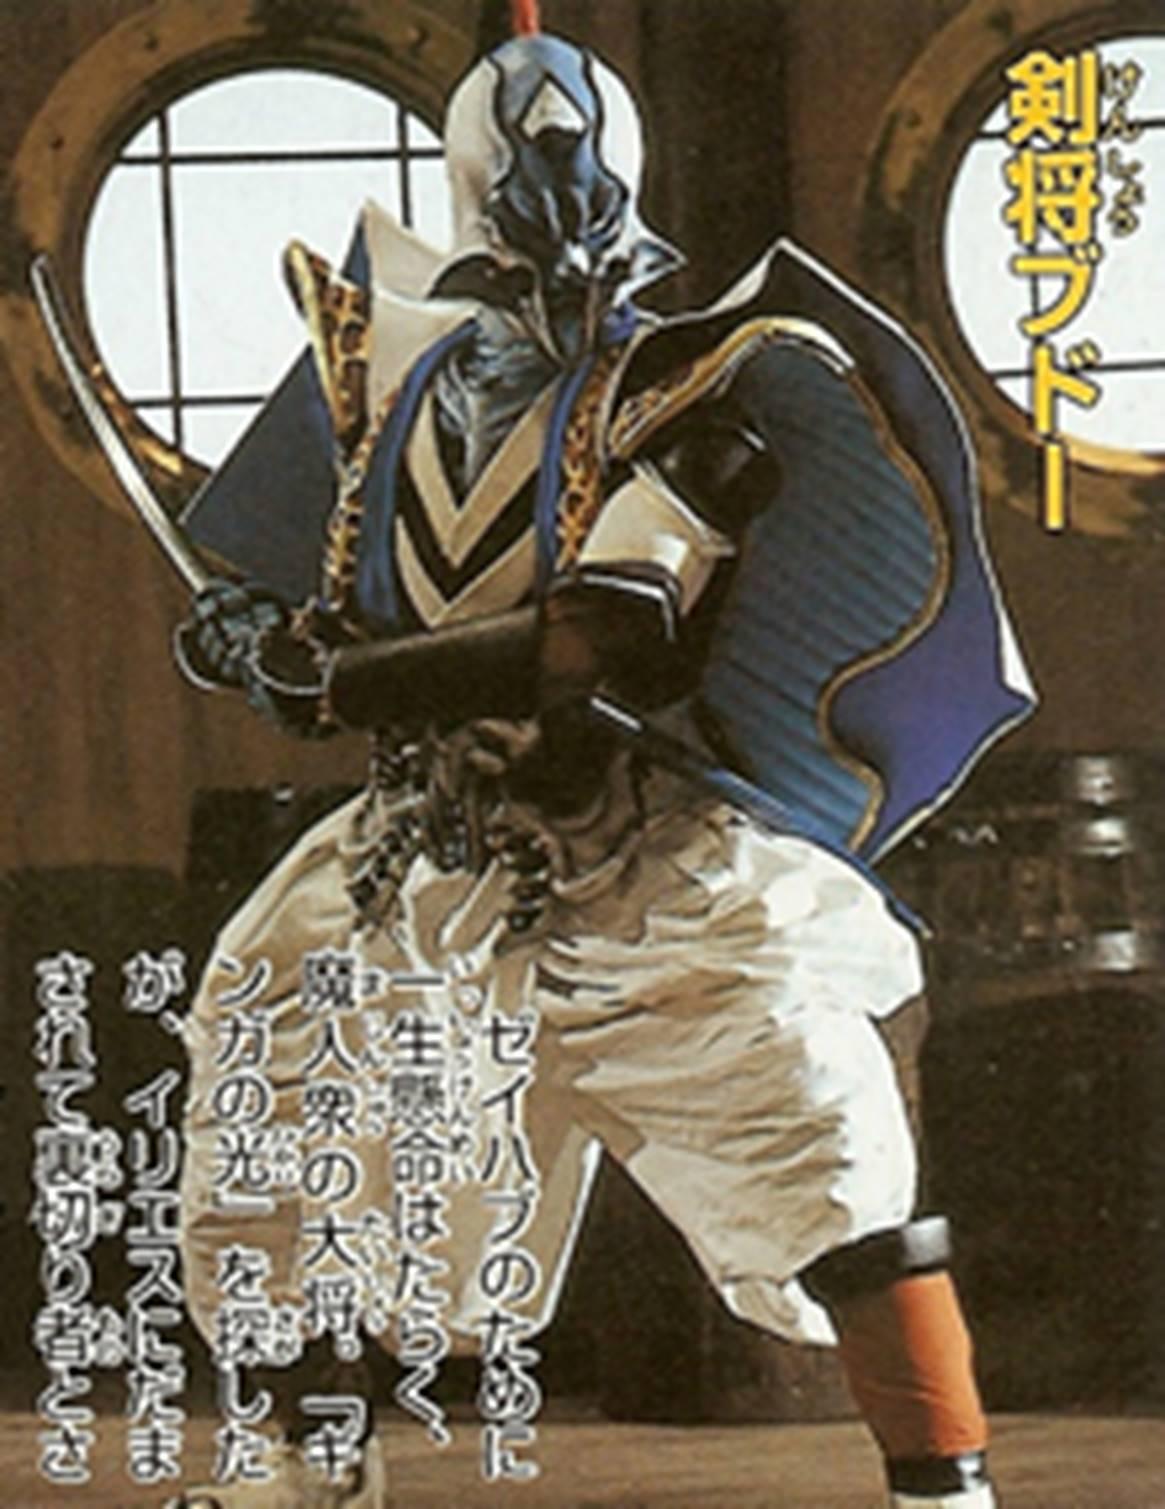 Samurai General Budoh